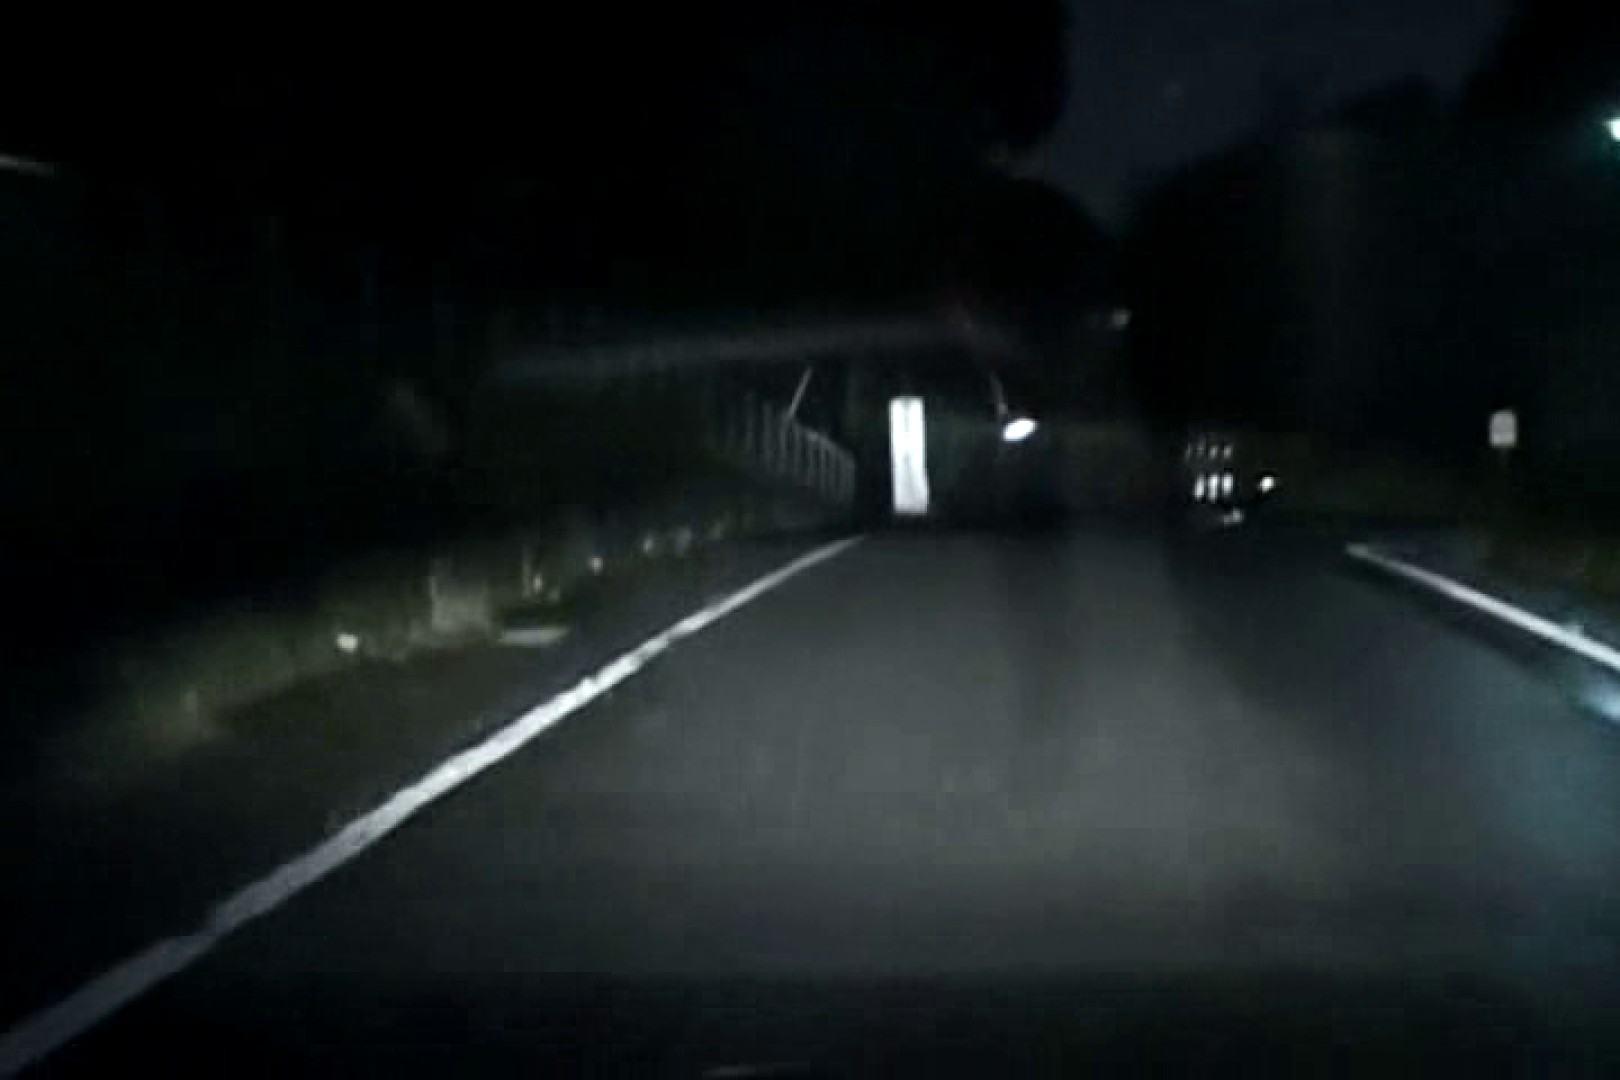 突激!ノンケ教育隊vol.01 野外露出 ゲイ素人エロ画像 97枚 26